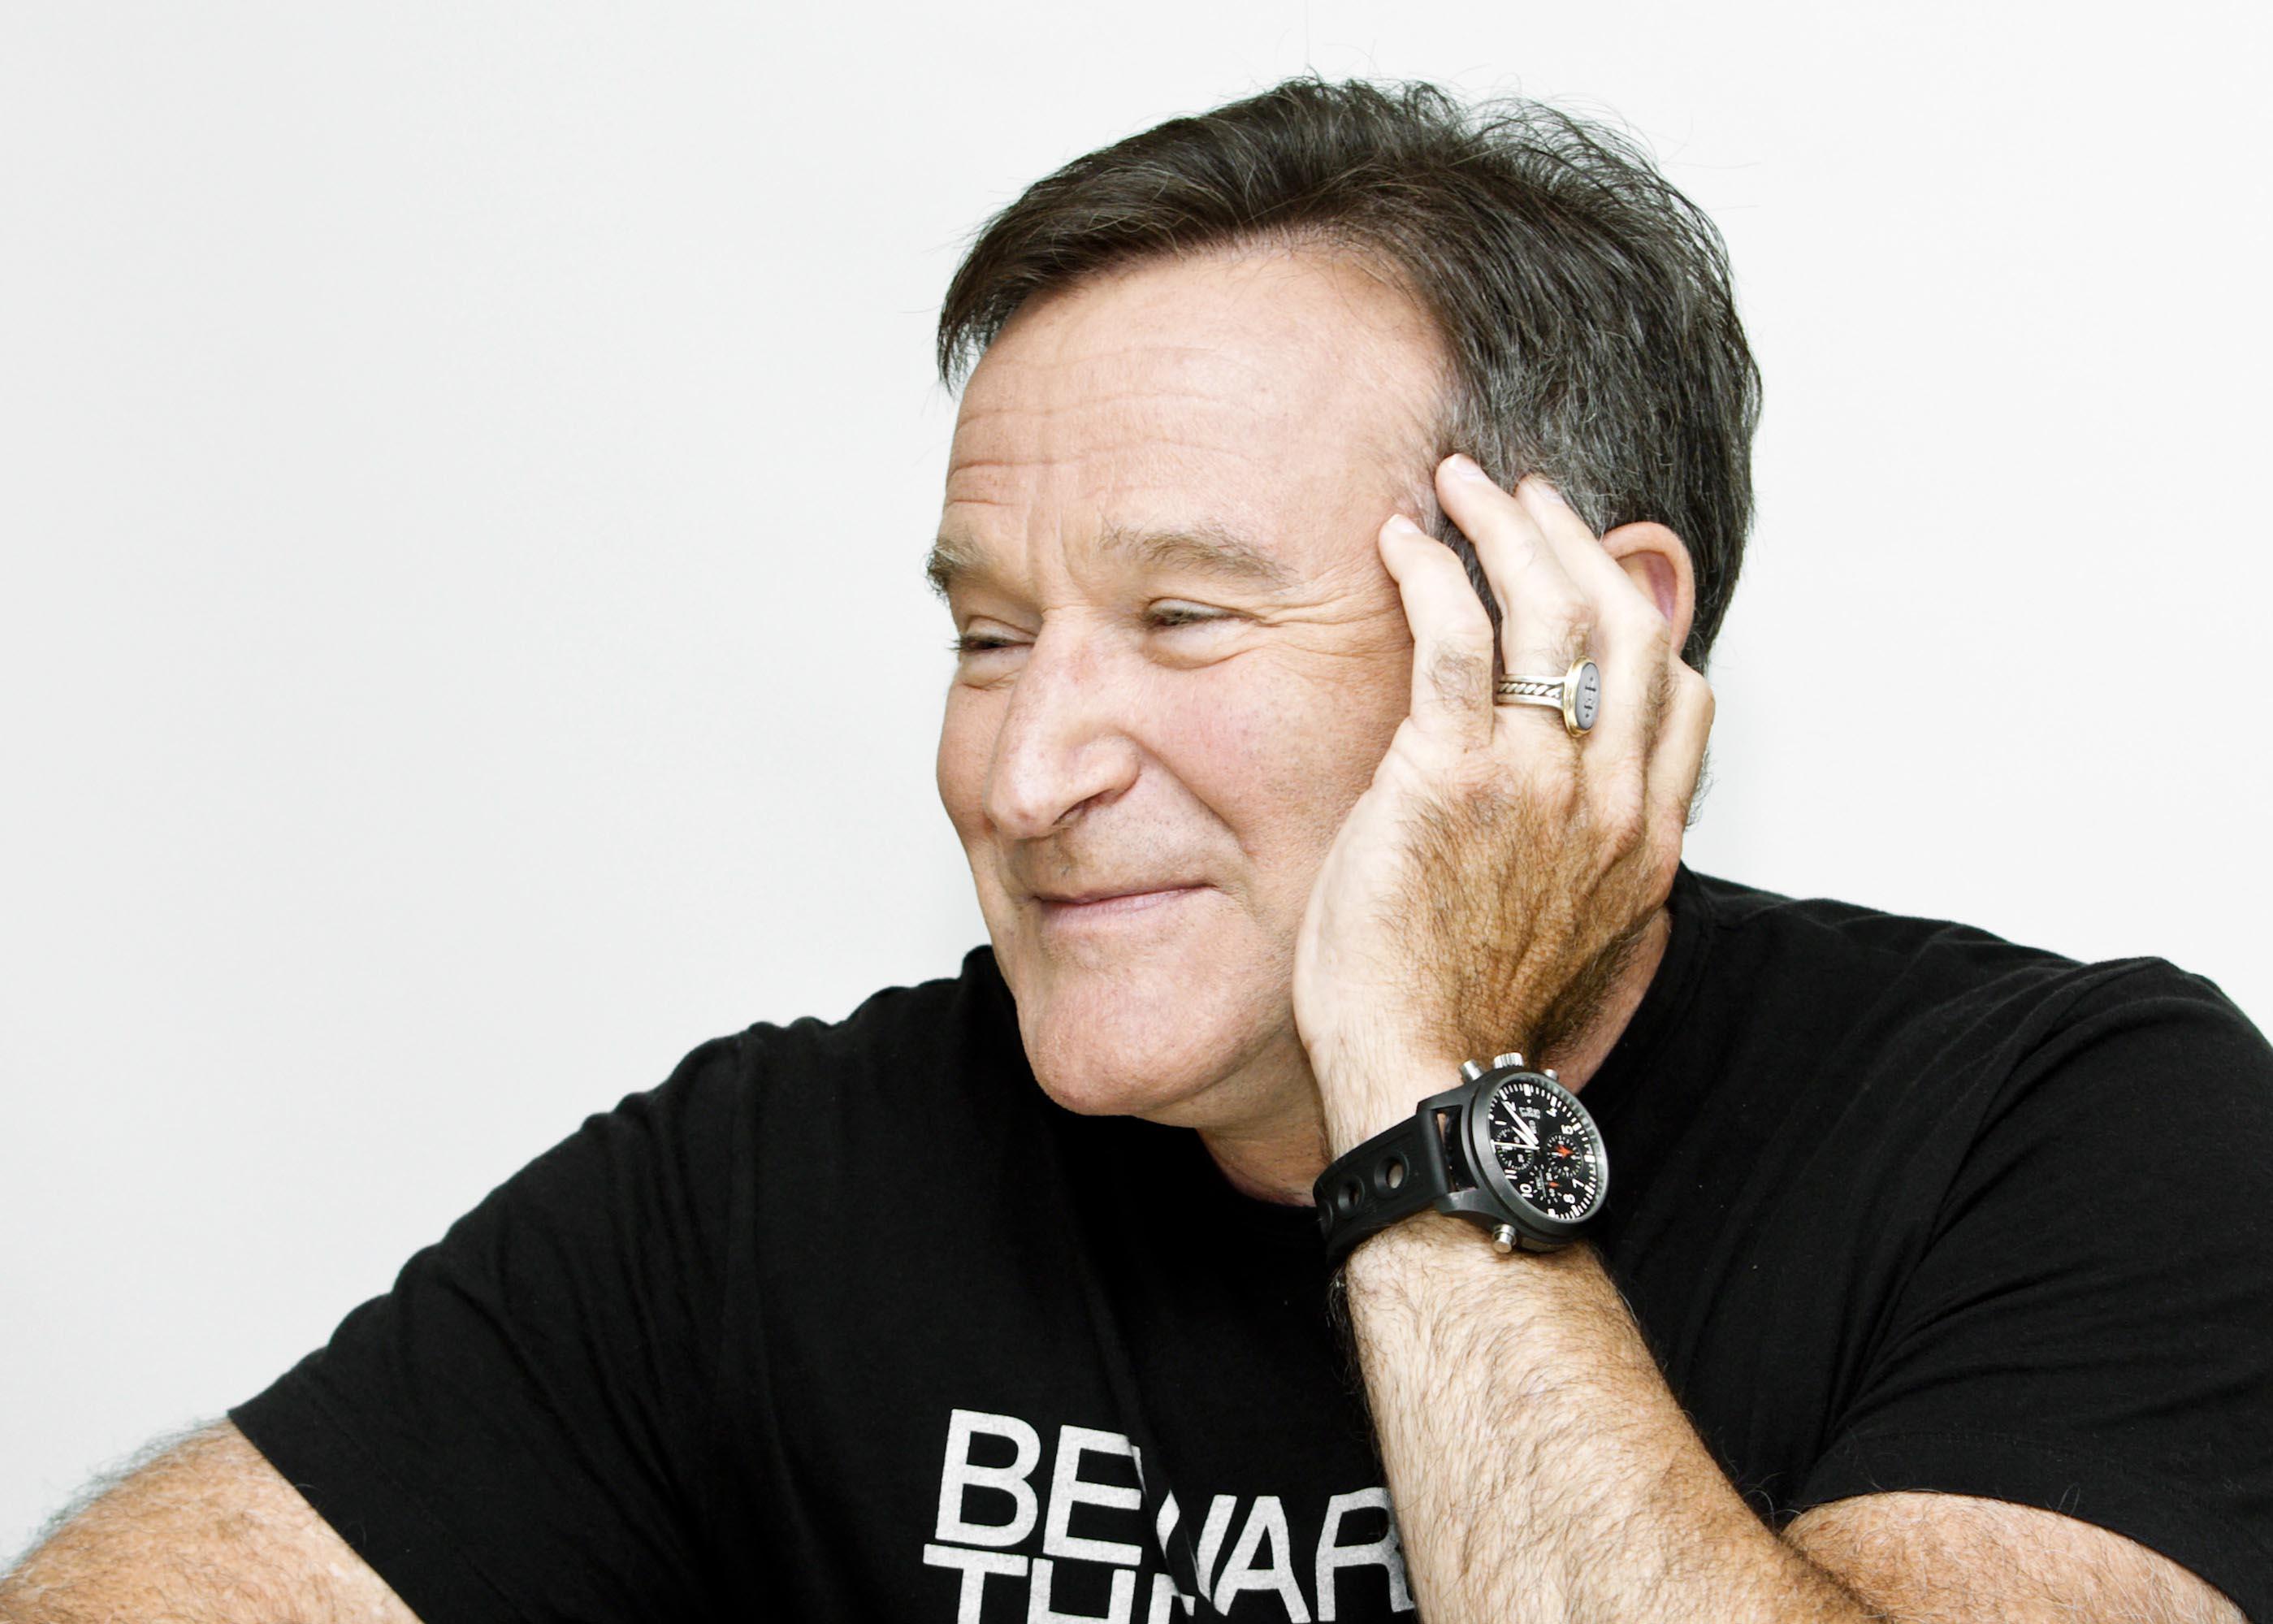 Robin-Williams-robin-williams-32089730-2798-1999